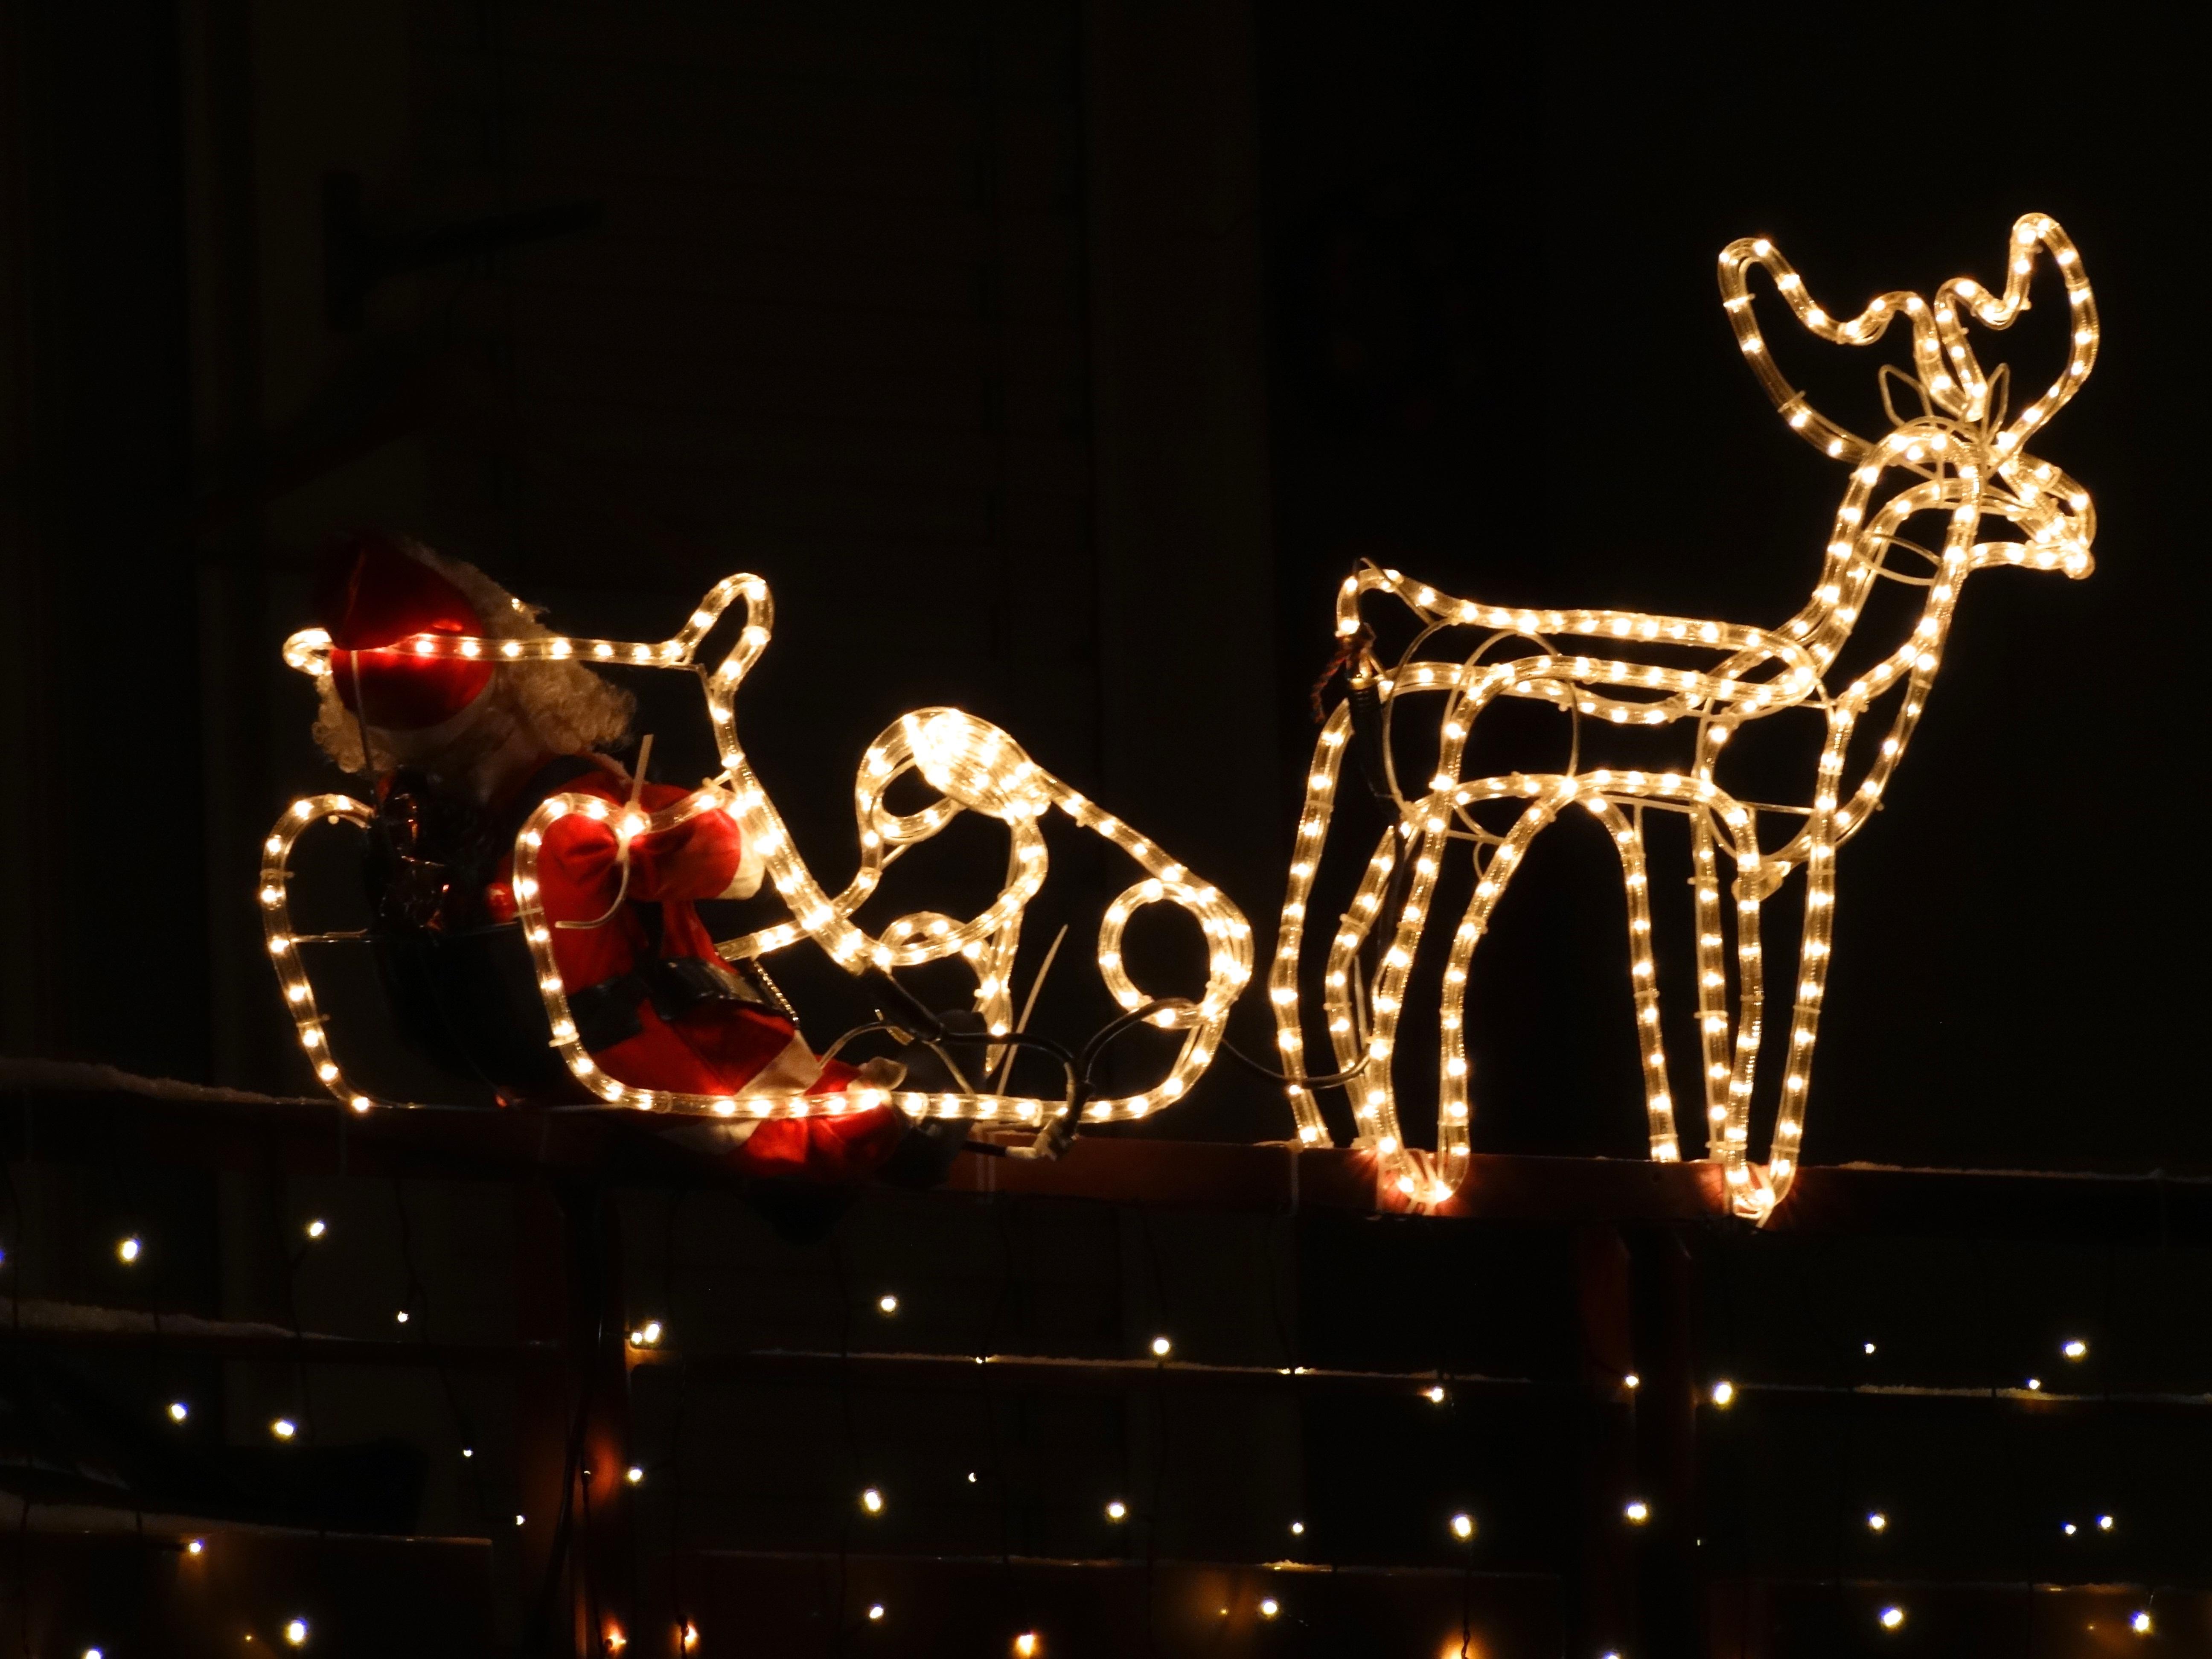 Kostenlose foto : Weihnachten, Santa, Weihnachtsdekoration, Rentier ...